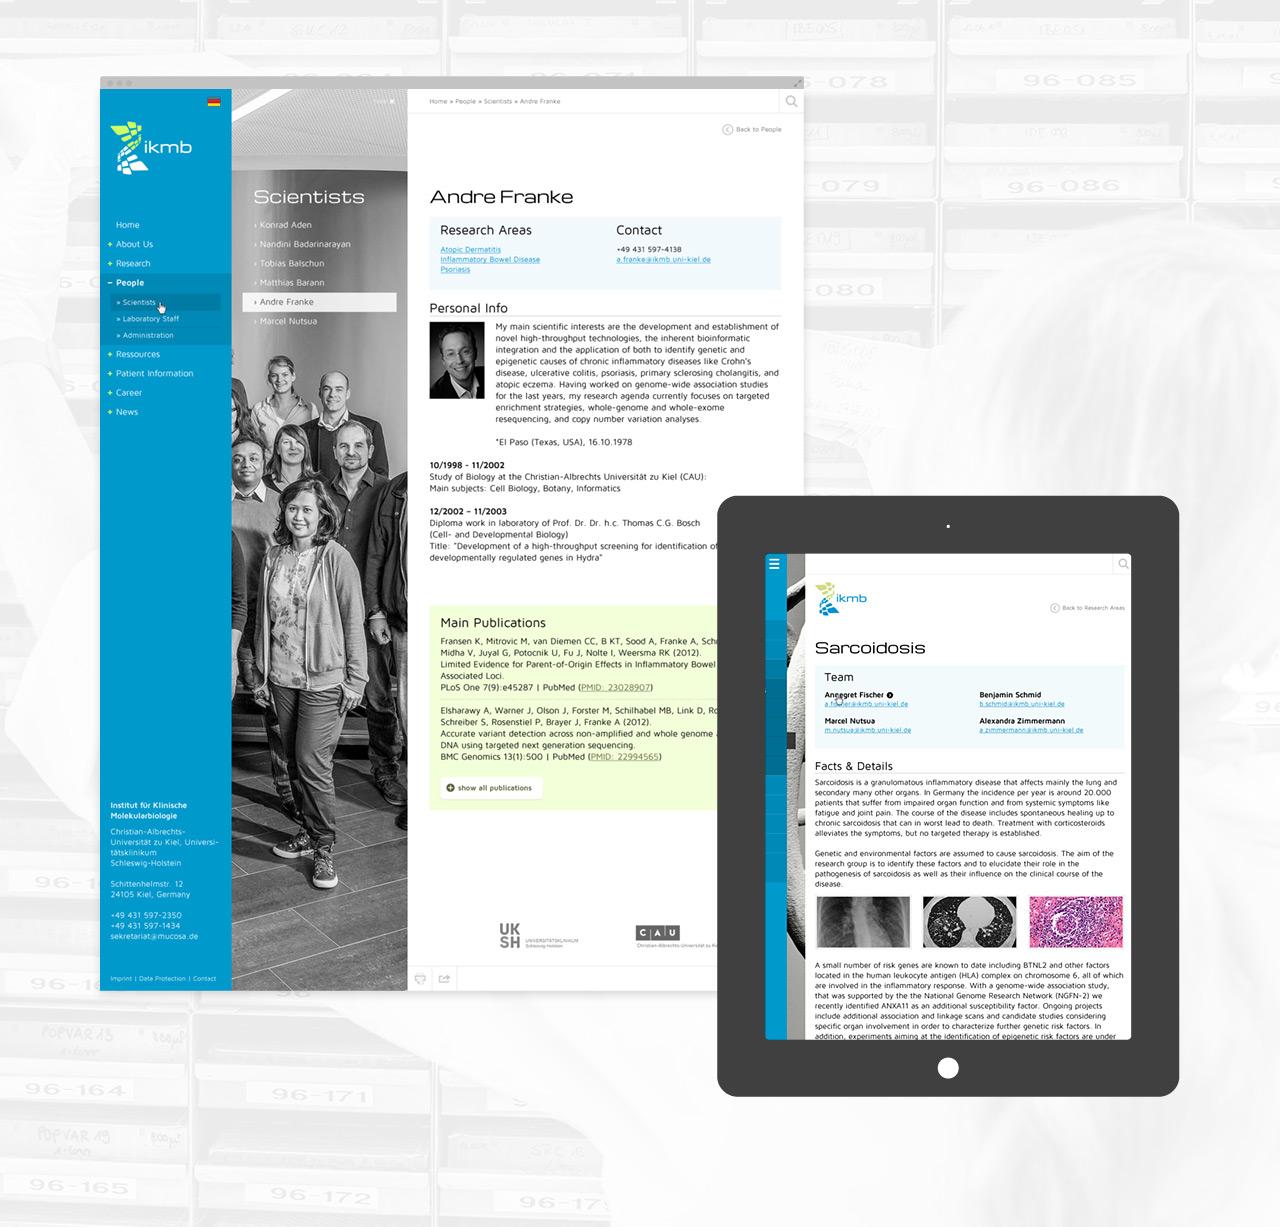 ikmb – Vergleich Desktop & Tablet mit Fokus auf die wissenschaftlichen Inhalte